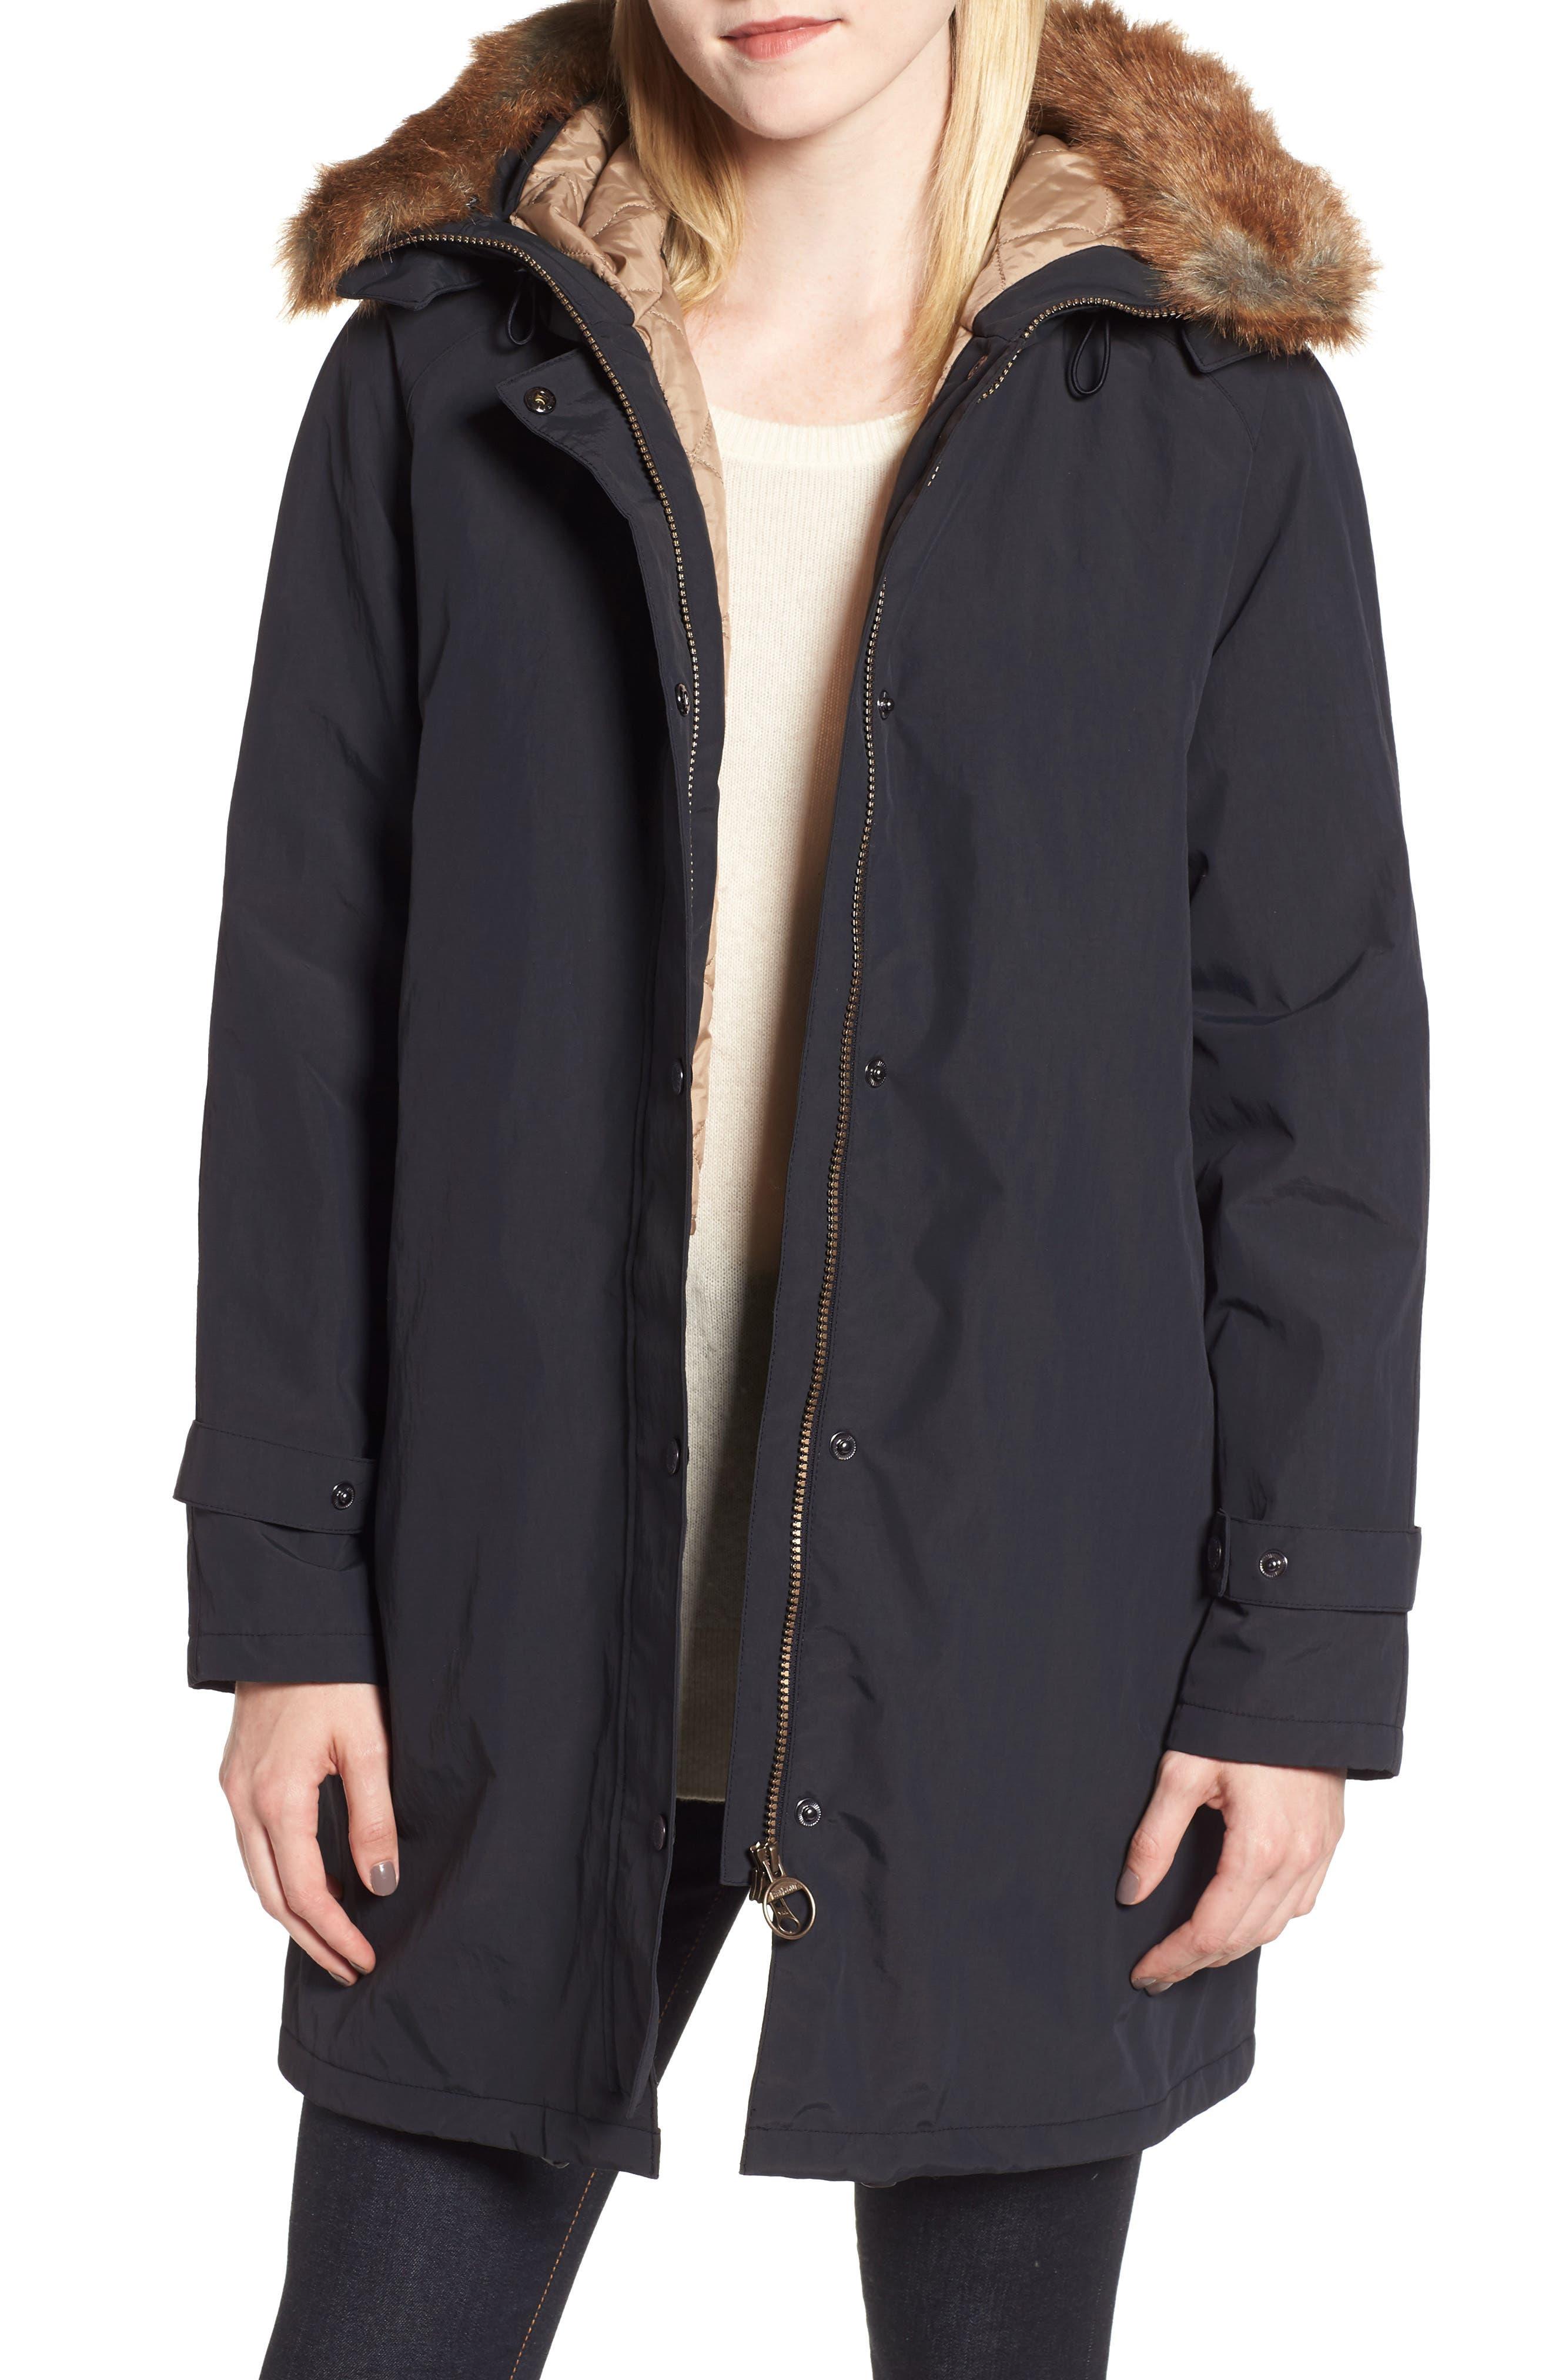 Dexy Jacket with Faux Fur Trim,                             Main thumbnail 1, color,                             BLACK